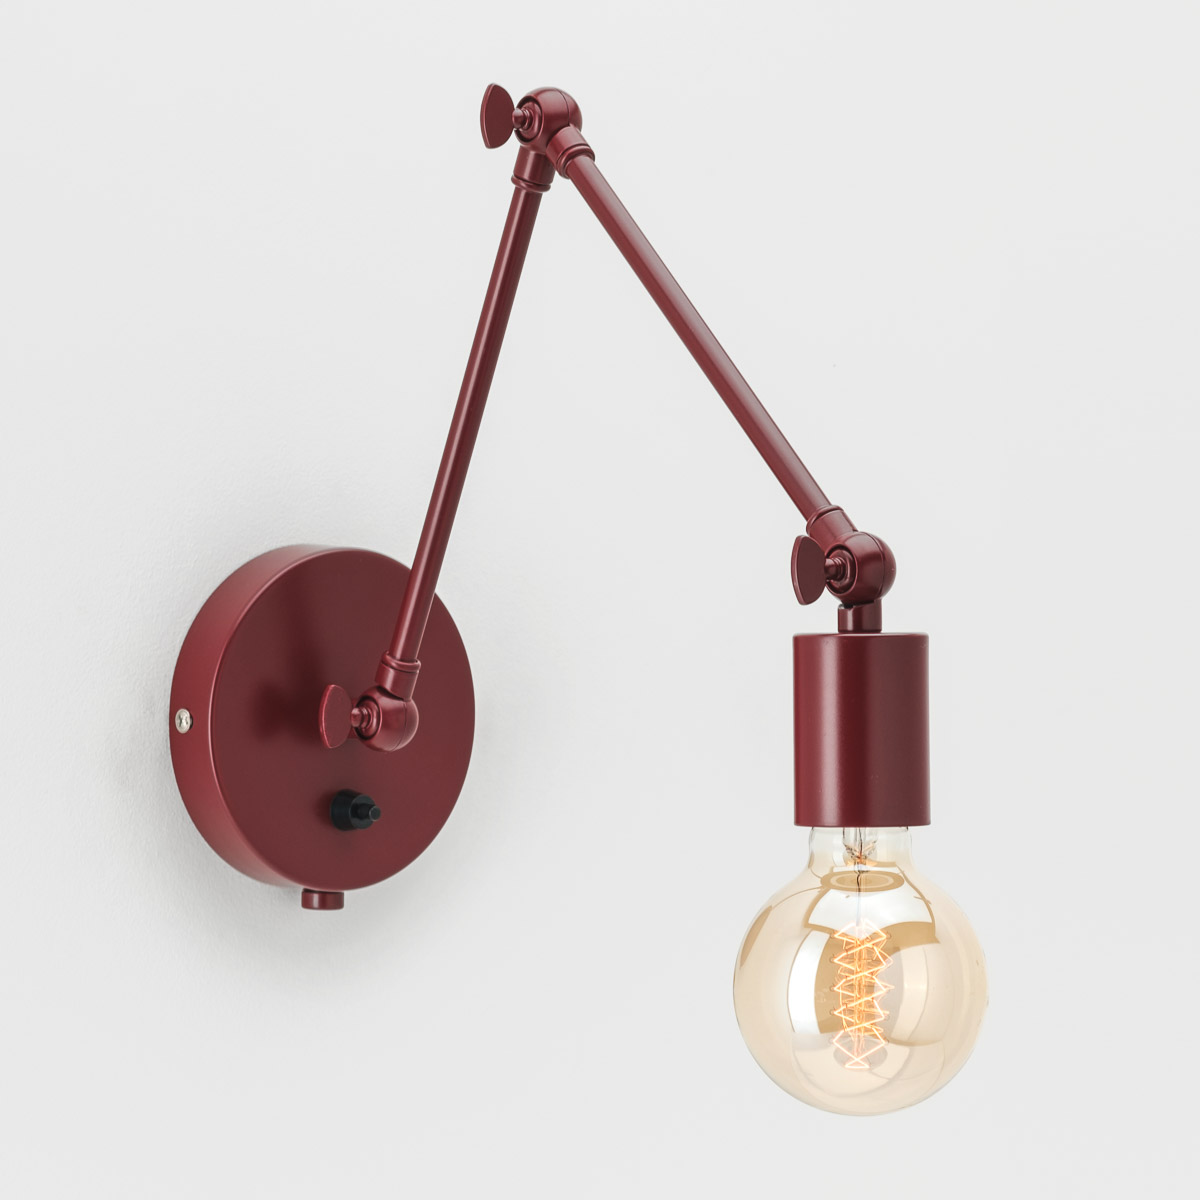 Настенный светильник Edvin бордовый